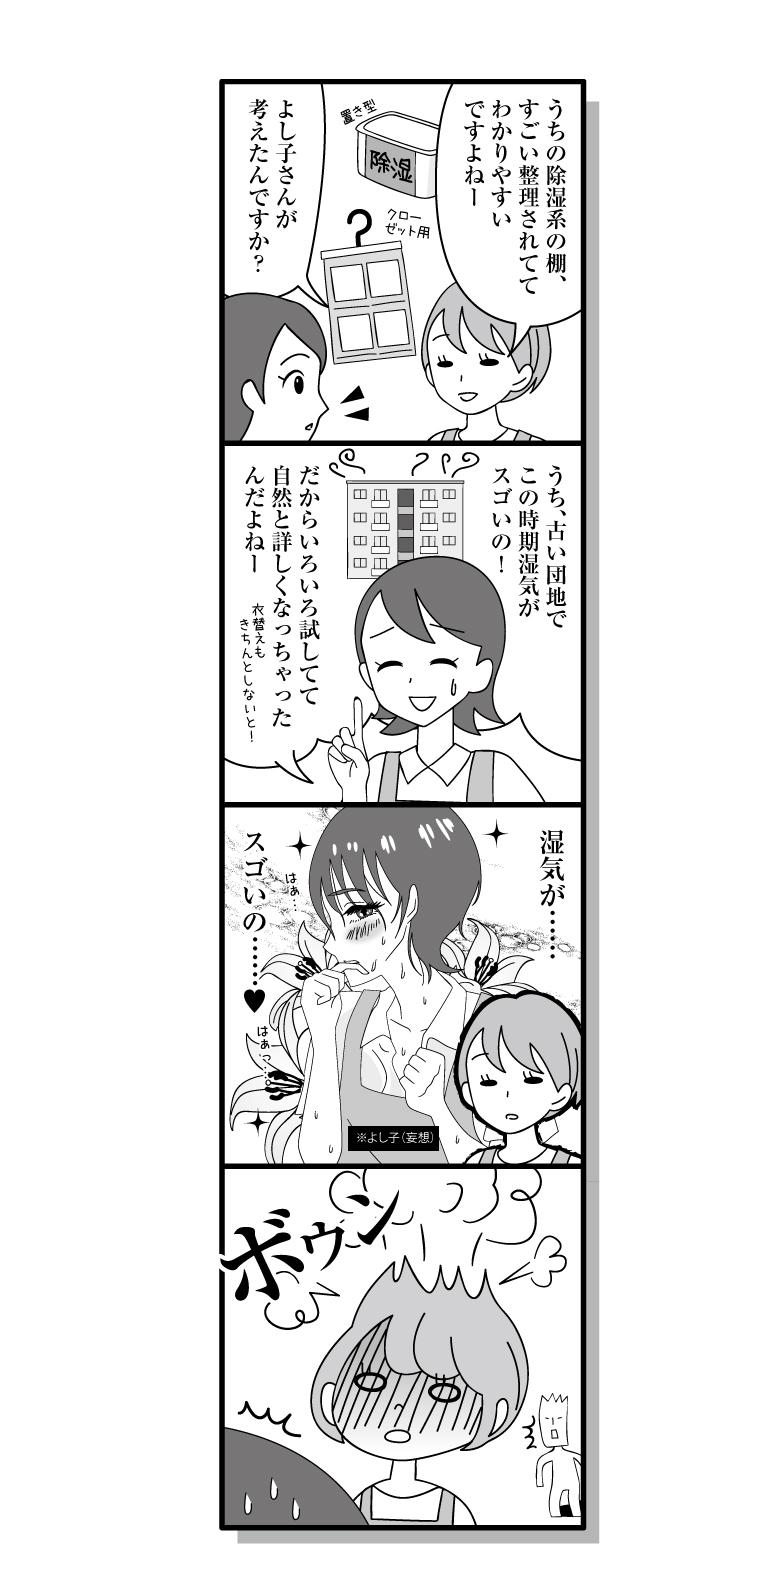 180707_manga